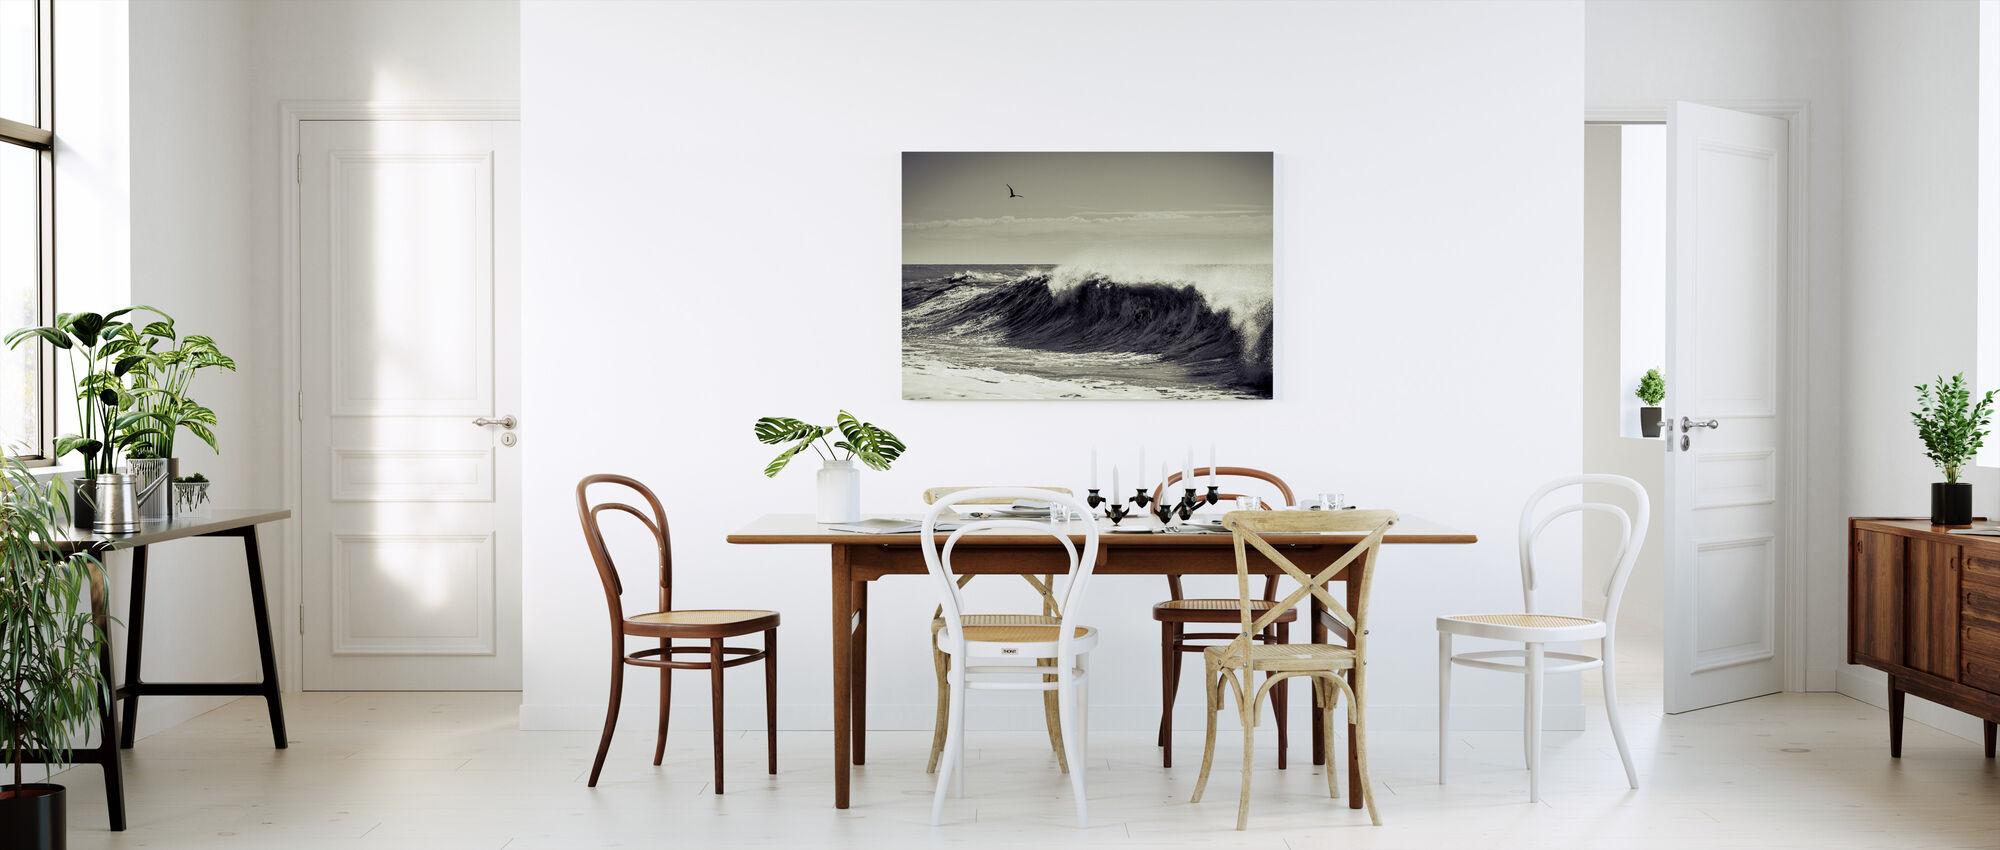 Breaking Wave - Canvas print - Kitchen